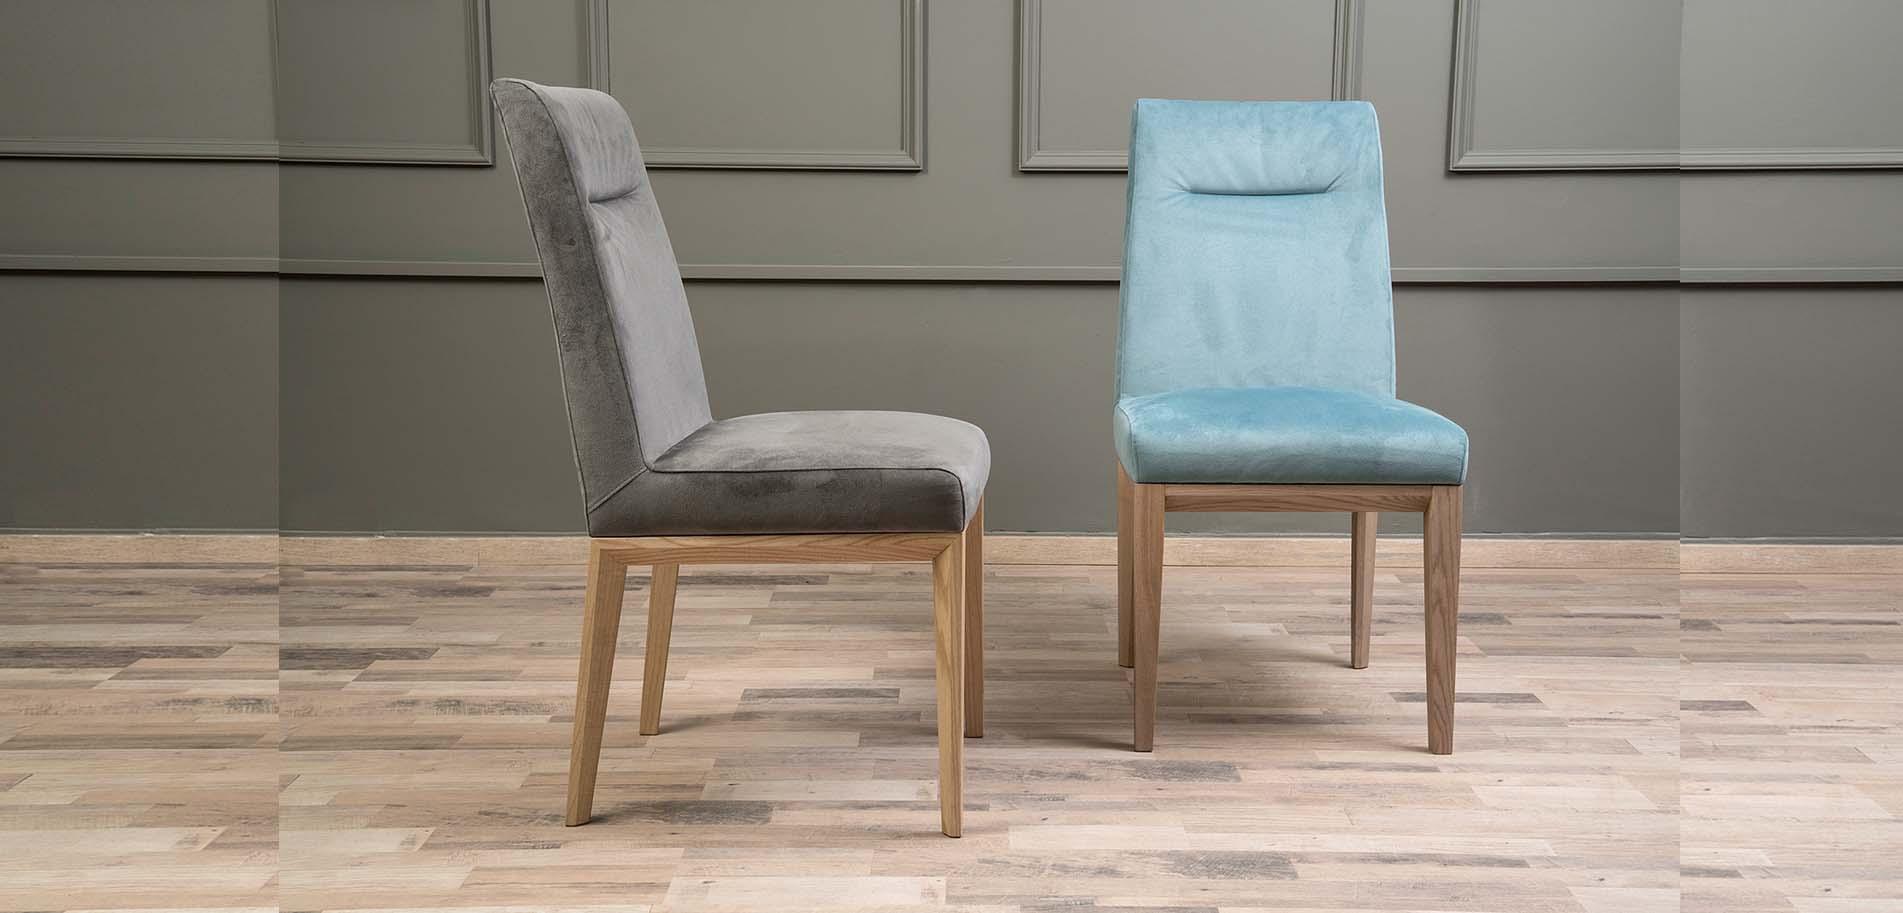 Καρέκλες τραπεζαρίας μοντέρνες